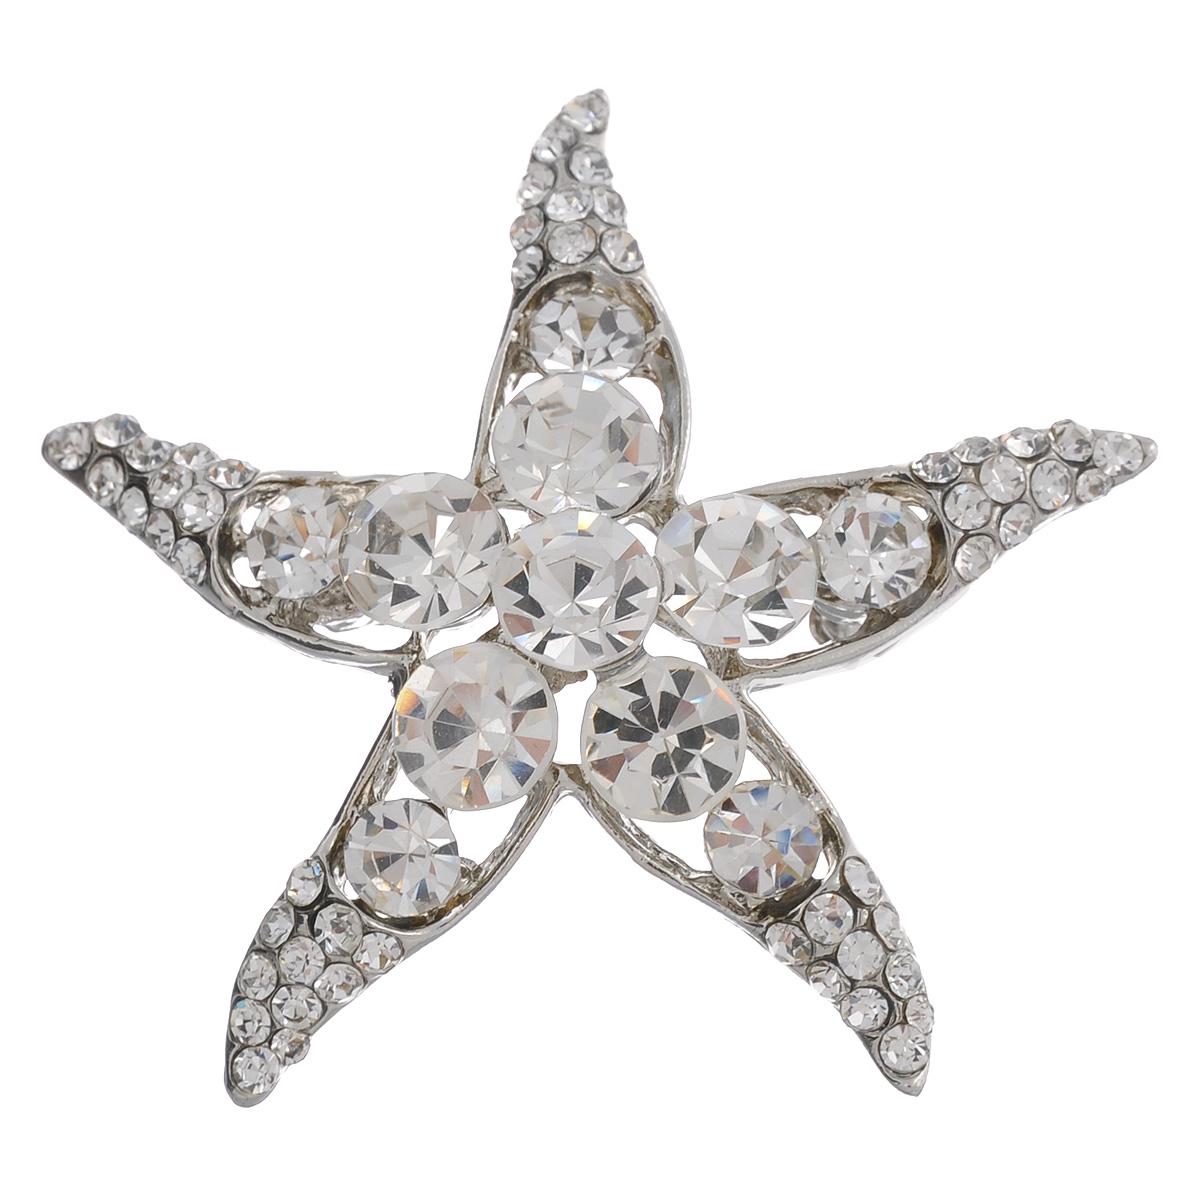 Брошь Avgad, цвет: серебристый. EA178JW112EA178JW112Оригинальная брошь Avgad выполнена из металла в виде морской звезды. Изделие декорировано стразами. Брошь крепится с помощью булавки с замочком. Изделие поставляется в подарочной коробке. Такая брошь позволит вам с легкостью воплотить самую смелую фантазию и создать собственный, неповторимый образ.